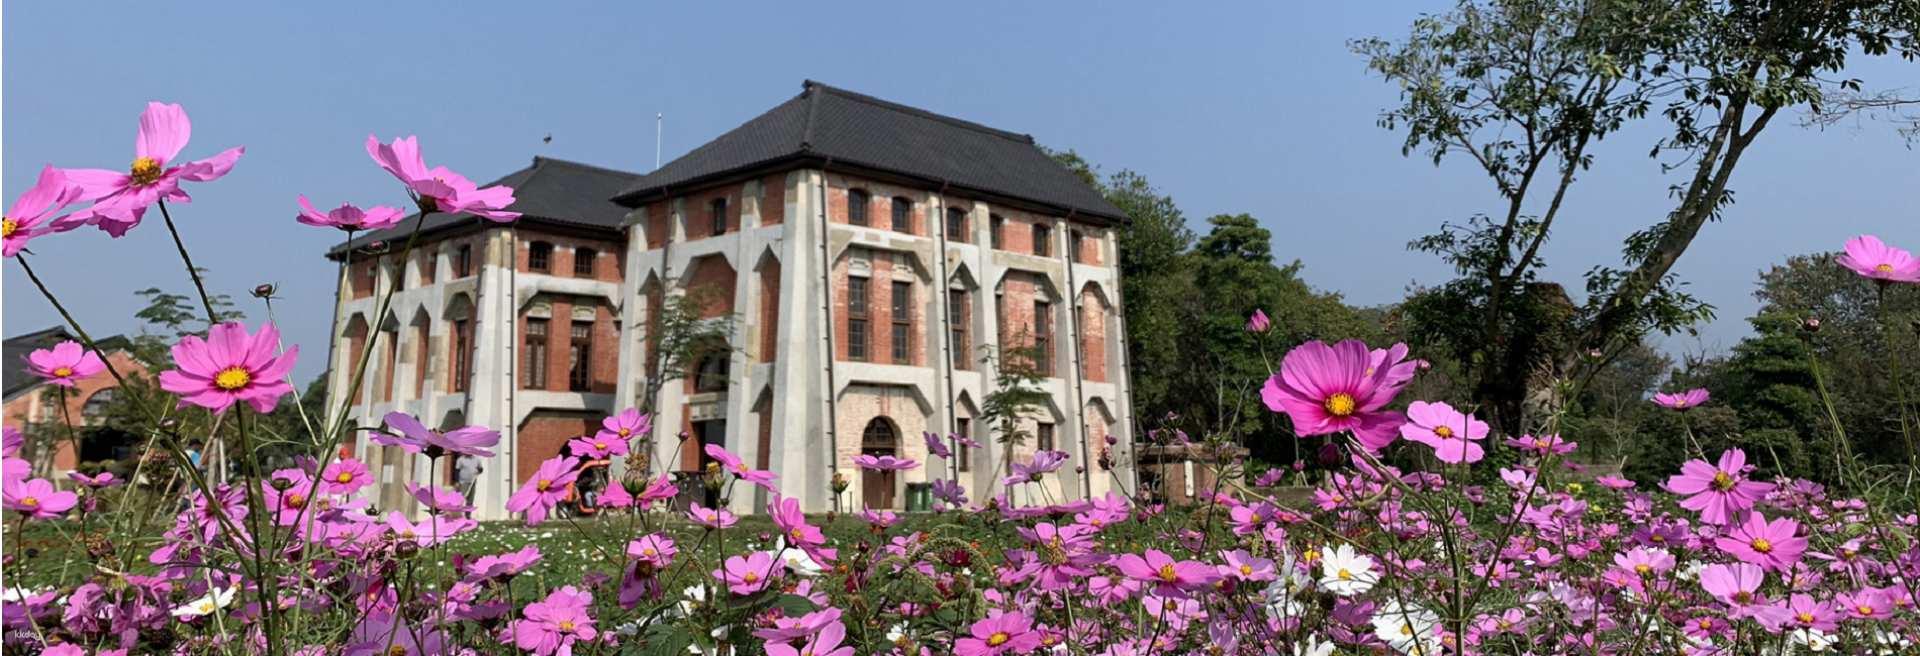 台南-臺南山上花園水道博物館門票